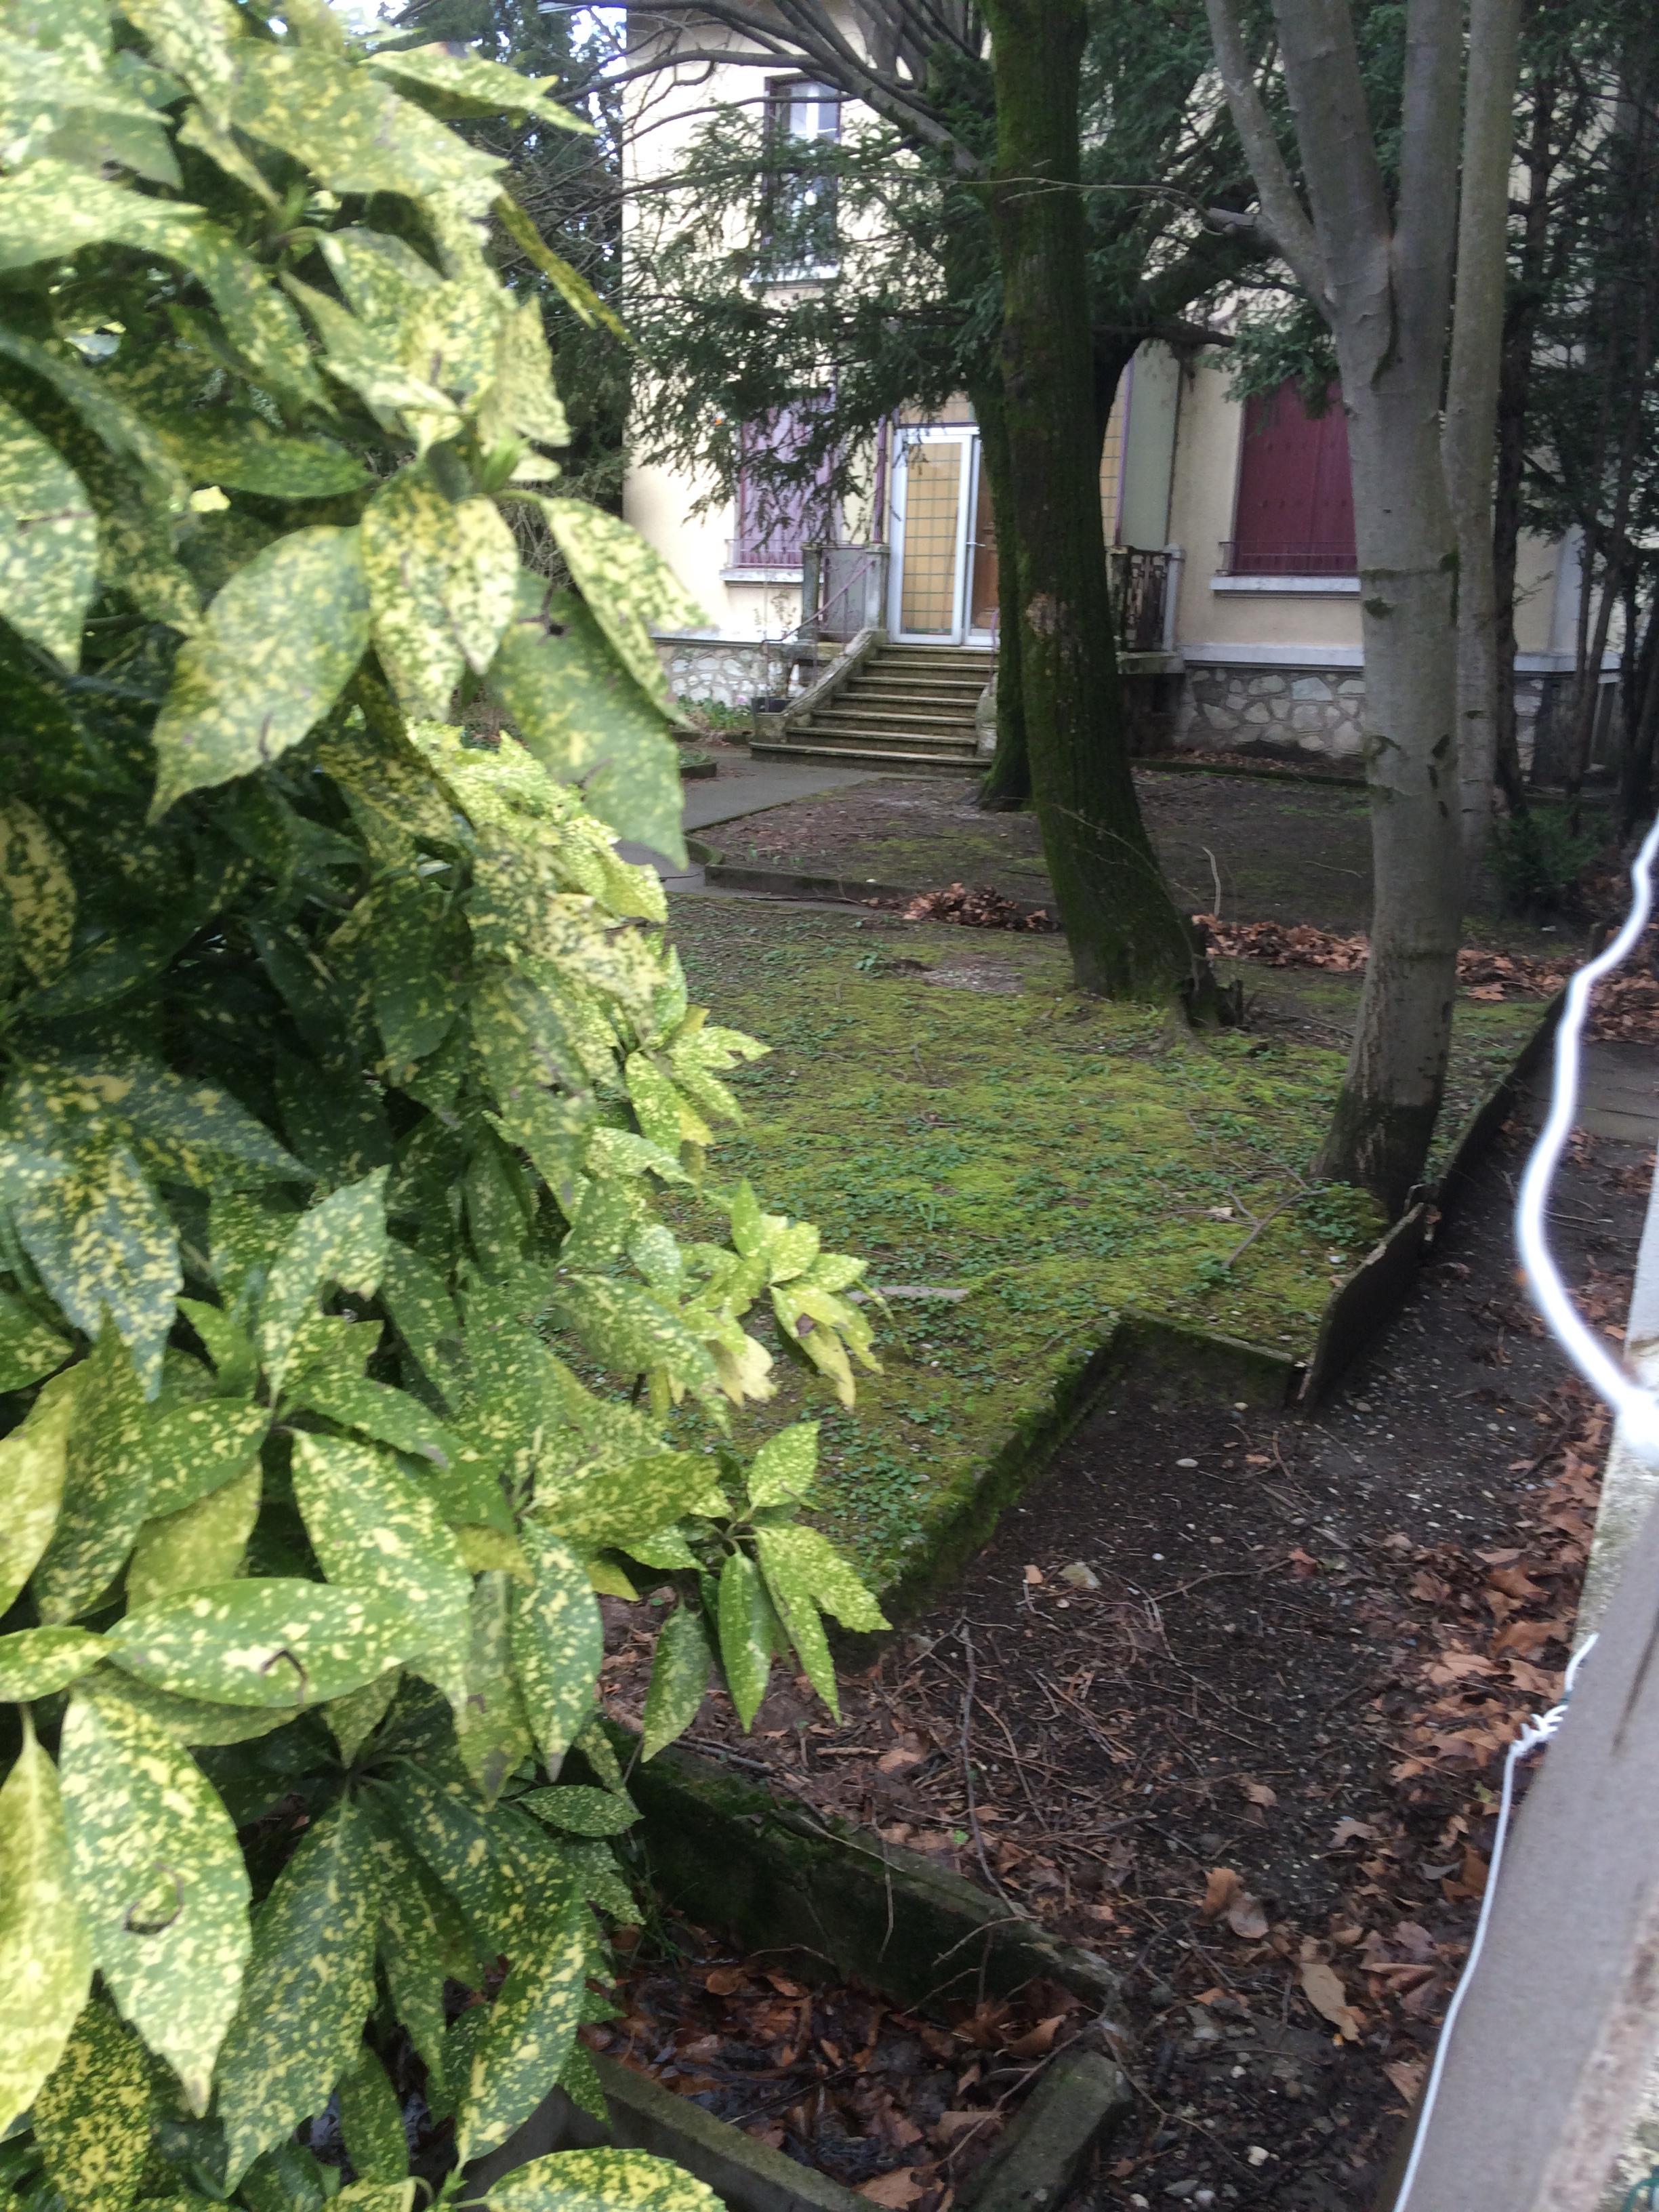 Galtier m boileau verts ades veut frapper les for Les jardins de la villa porte maillot